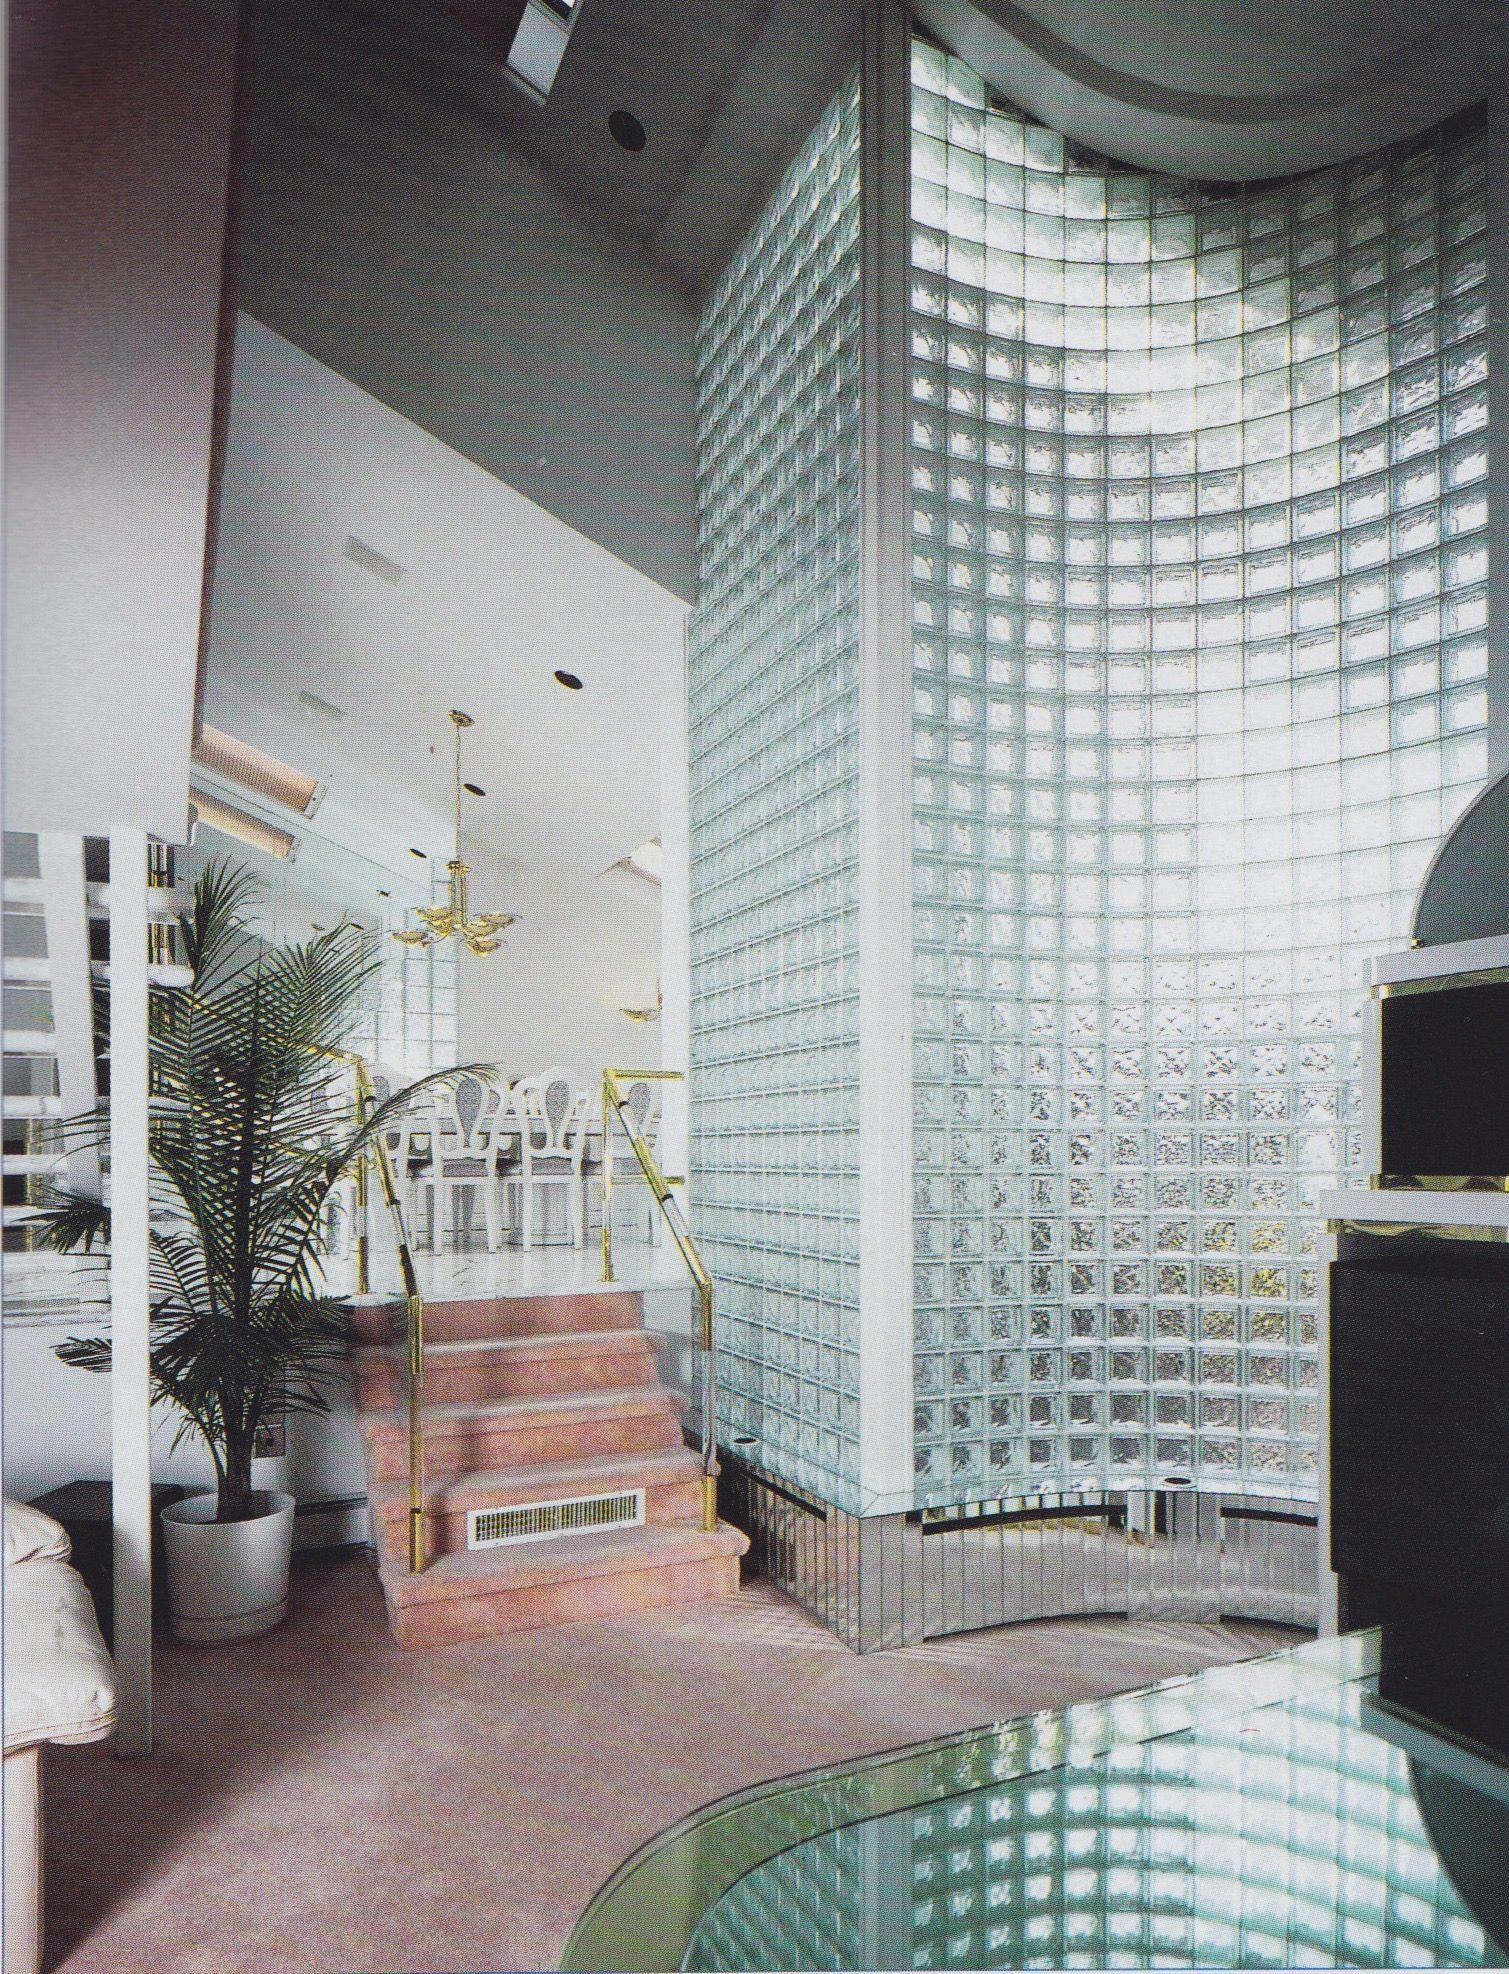 Interior postmodern 80s brick glass aesthetic for Innenarchitektur 80er